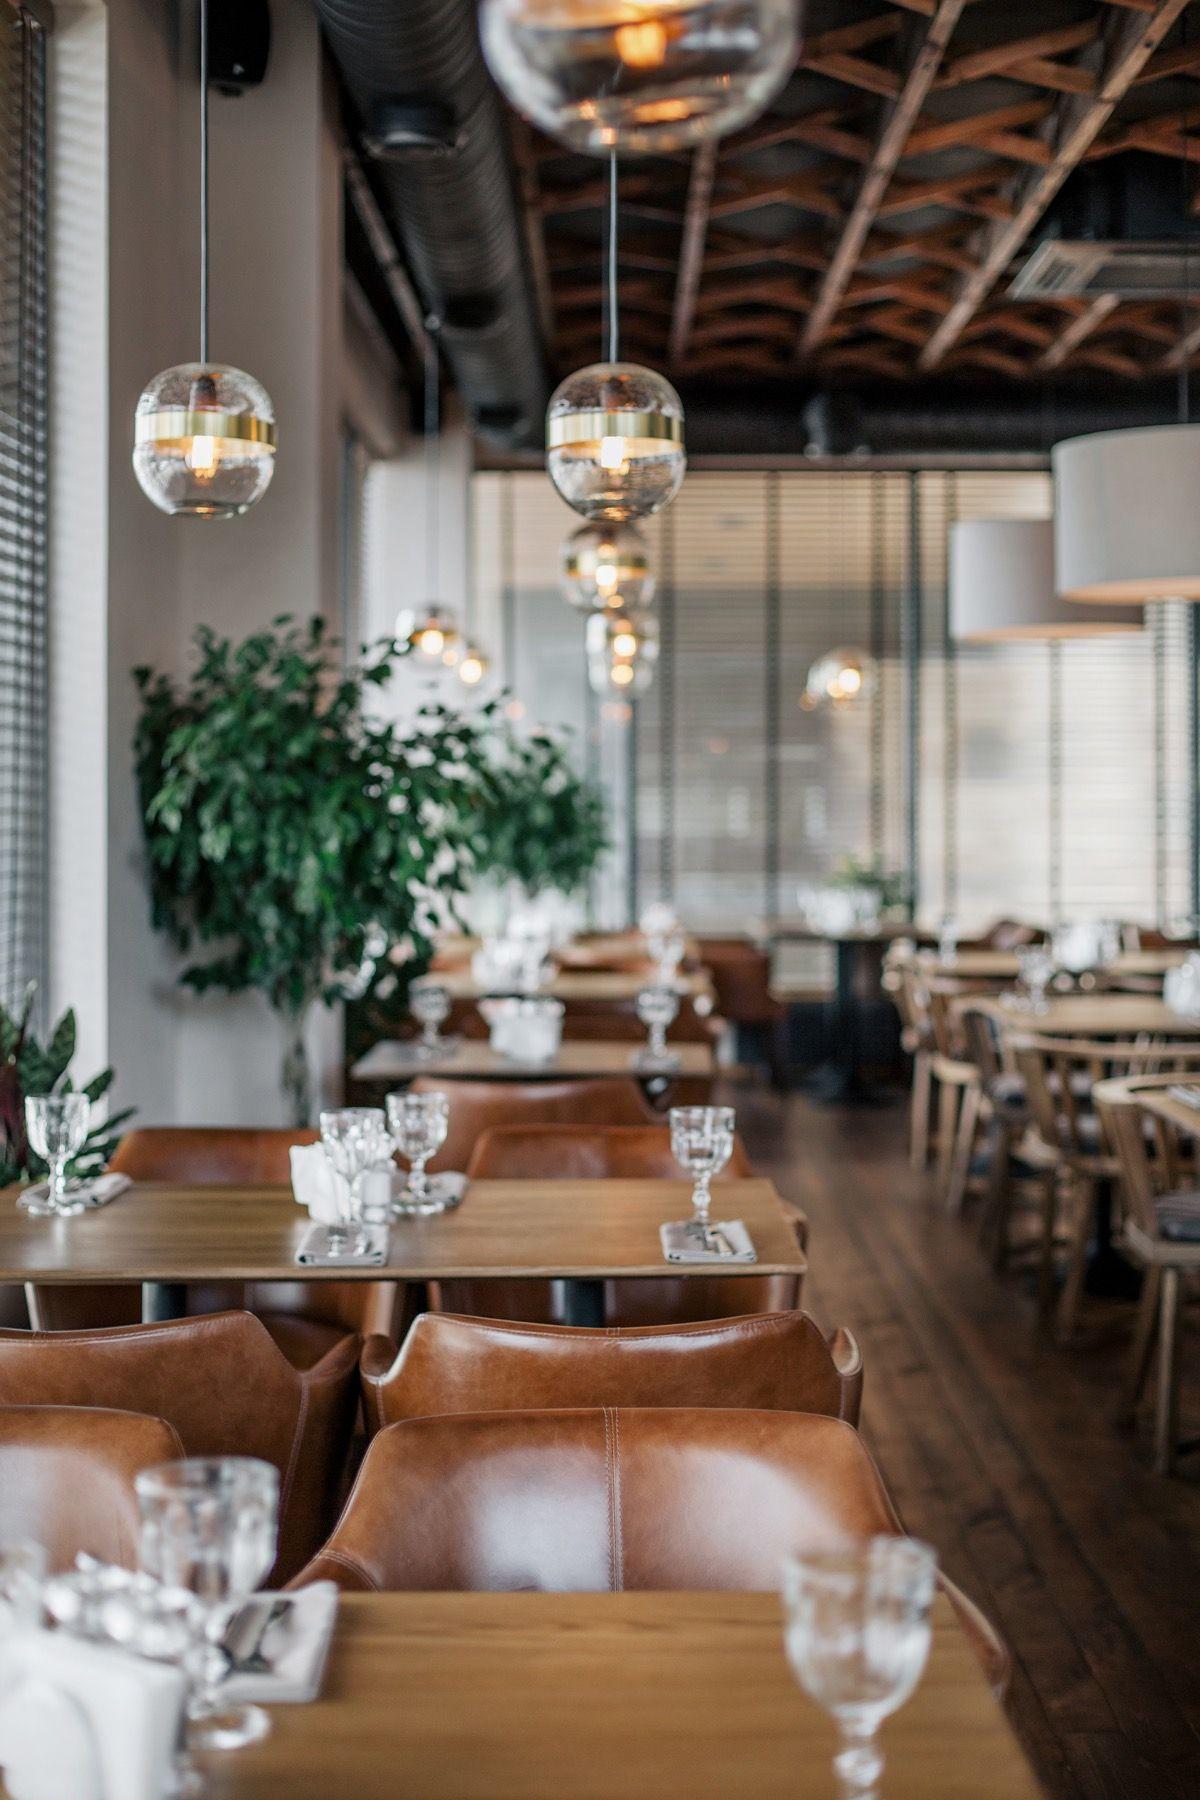 Yodezeen Created Casual Interior For Italian Restaurant Semifreddo